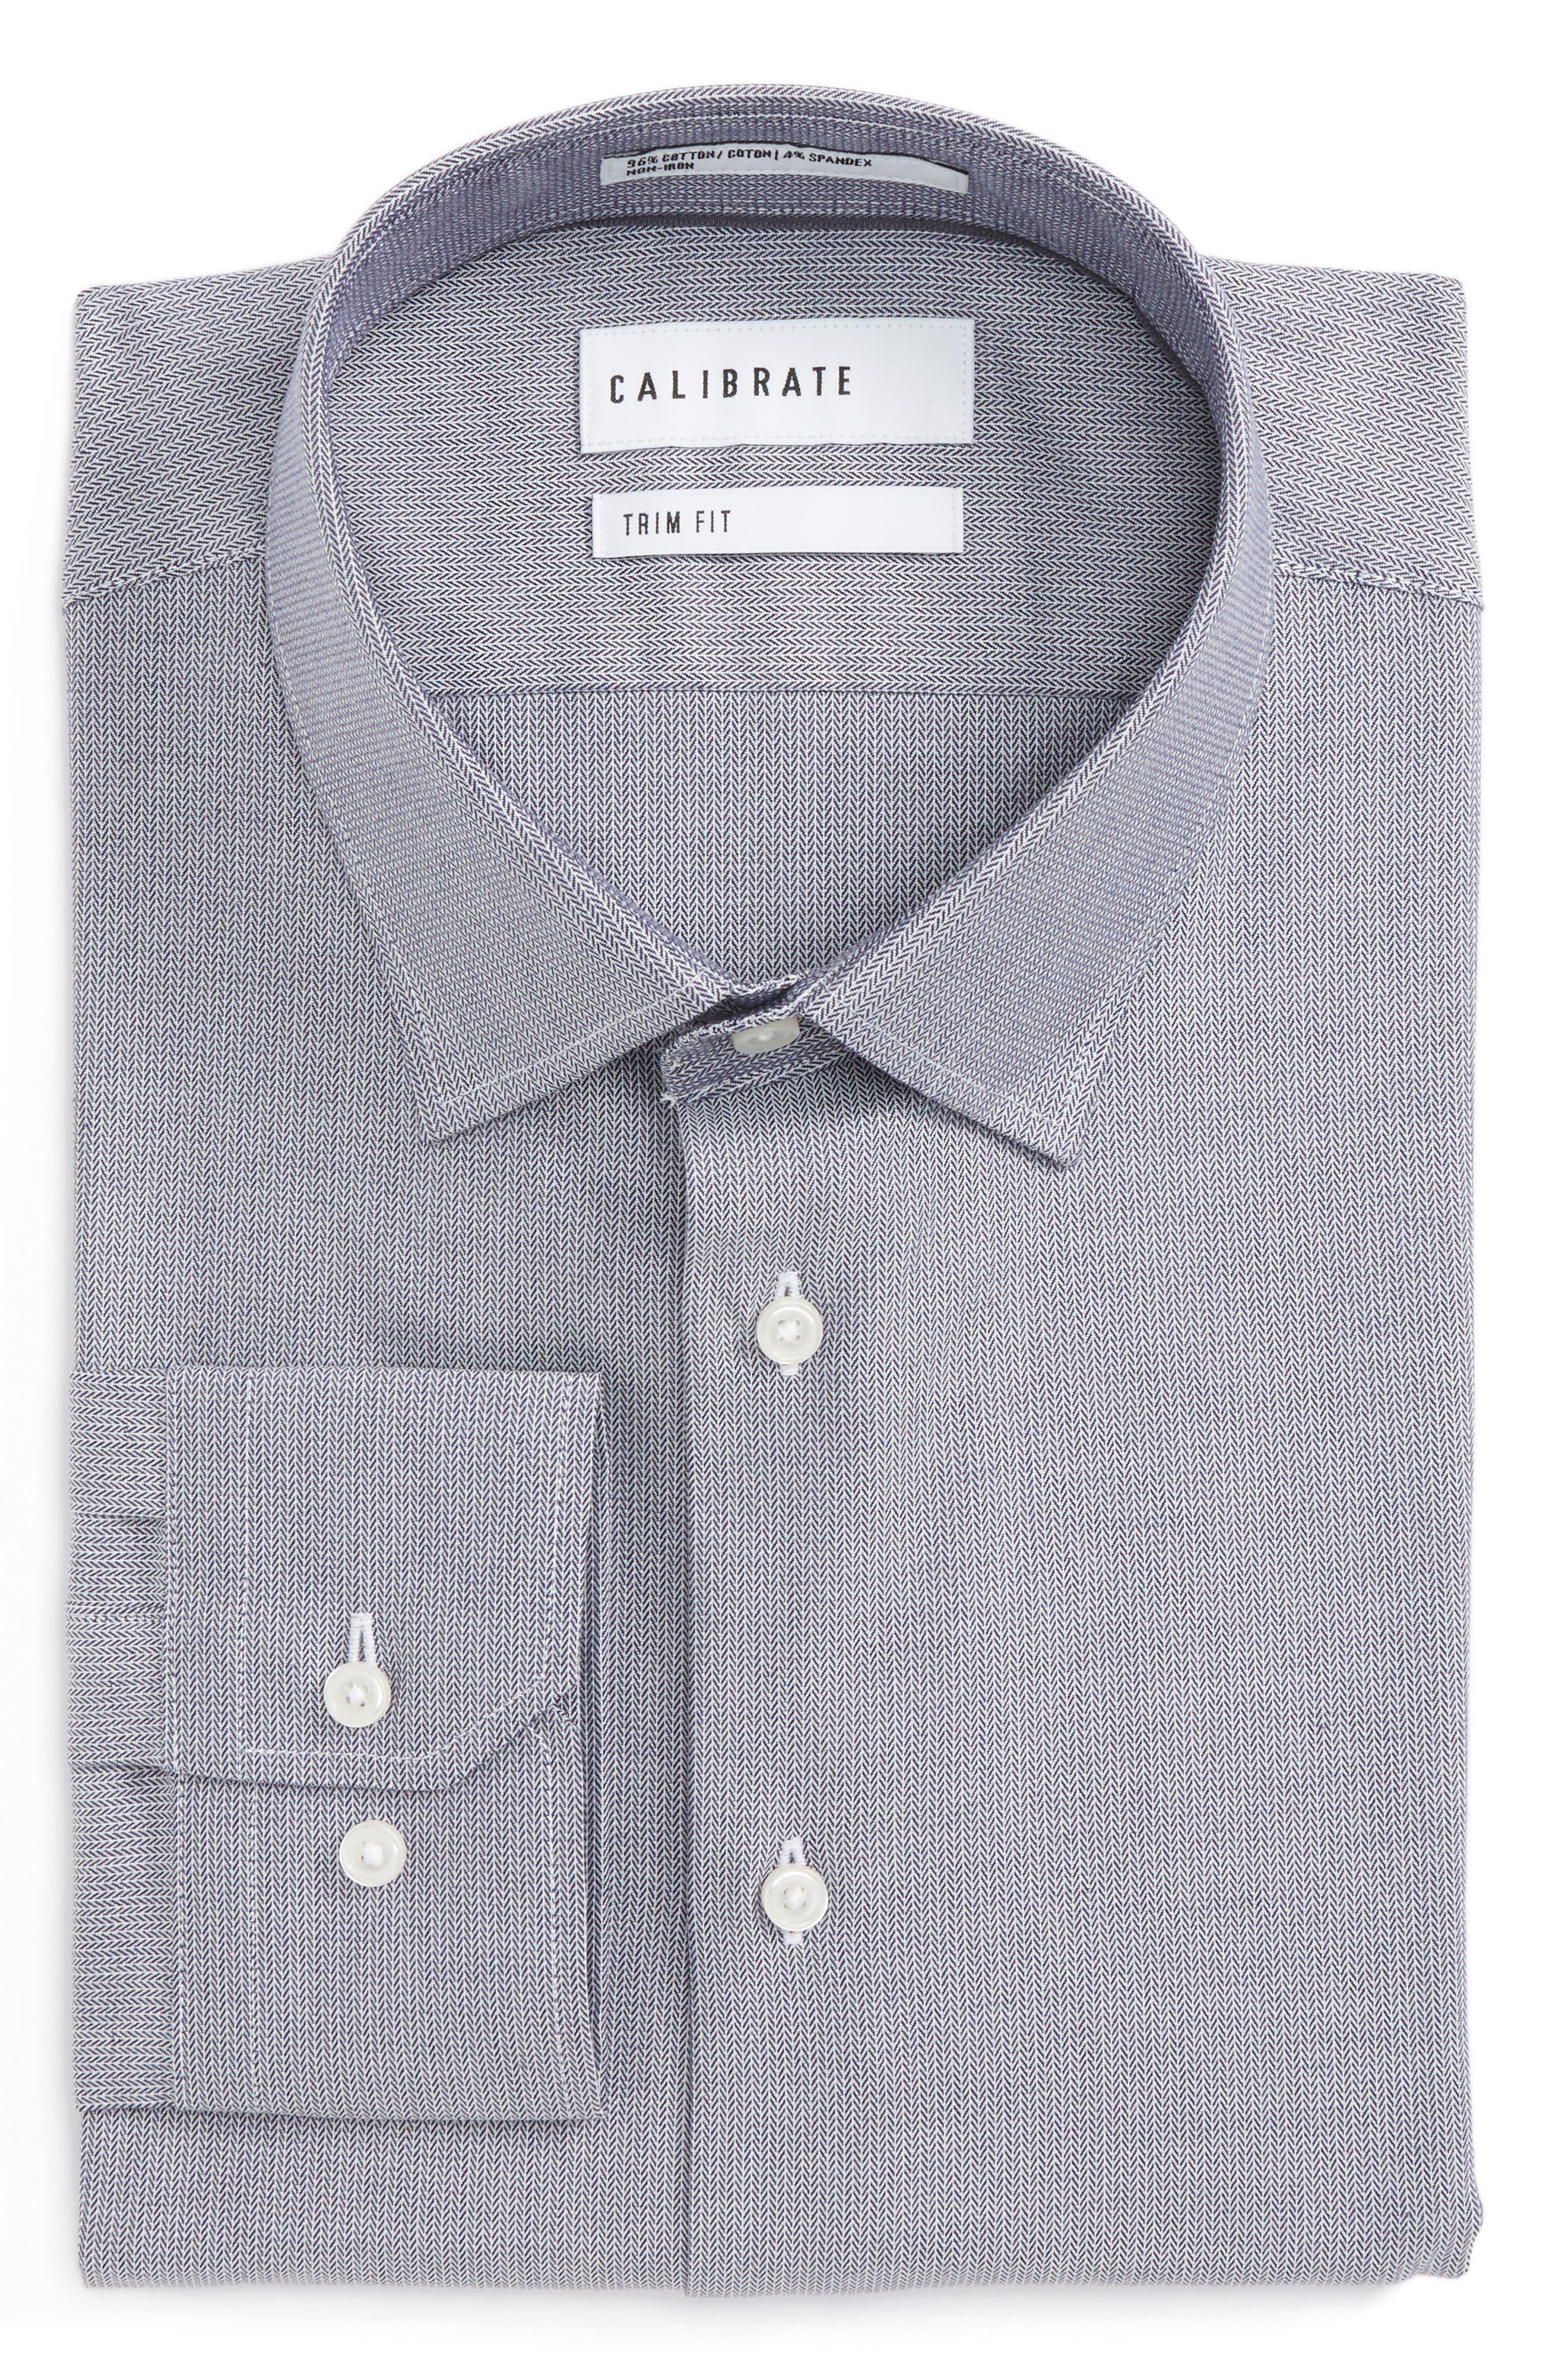 Trim Fit No-Iron Stretch Cotton Dress Shirt,                         Main,                         color, 021